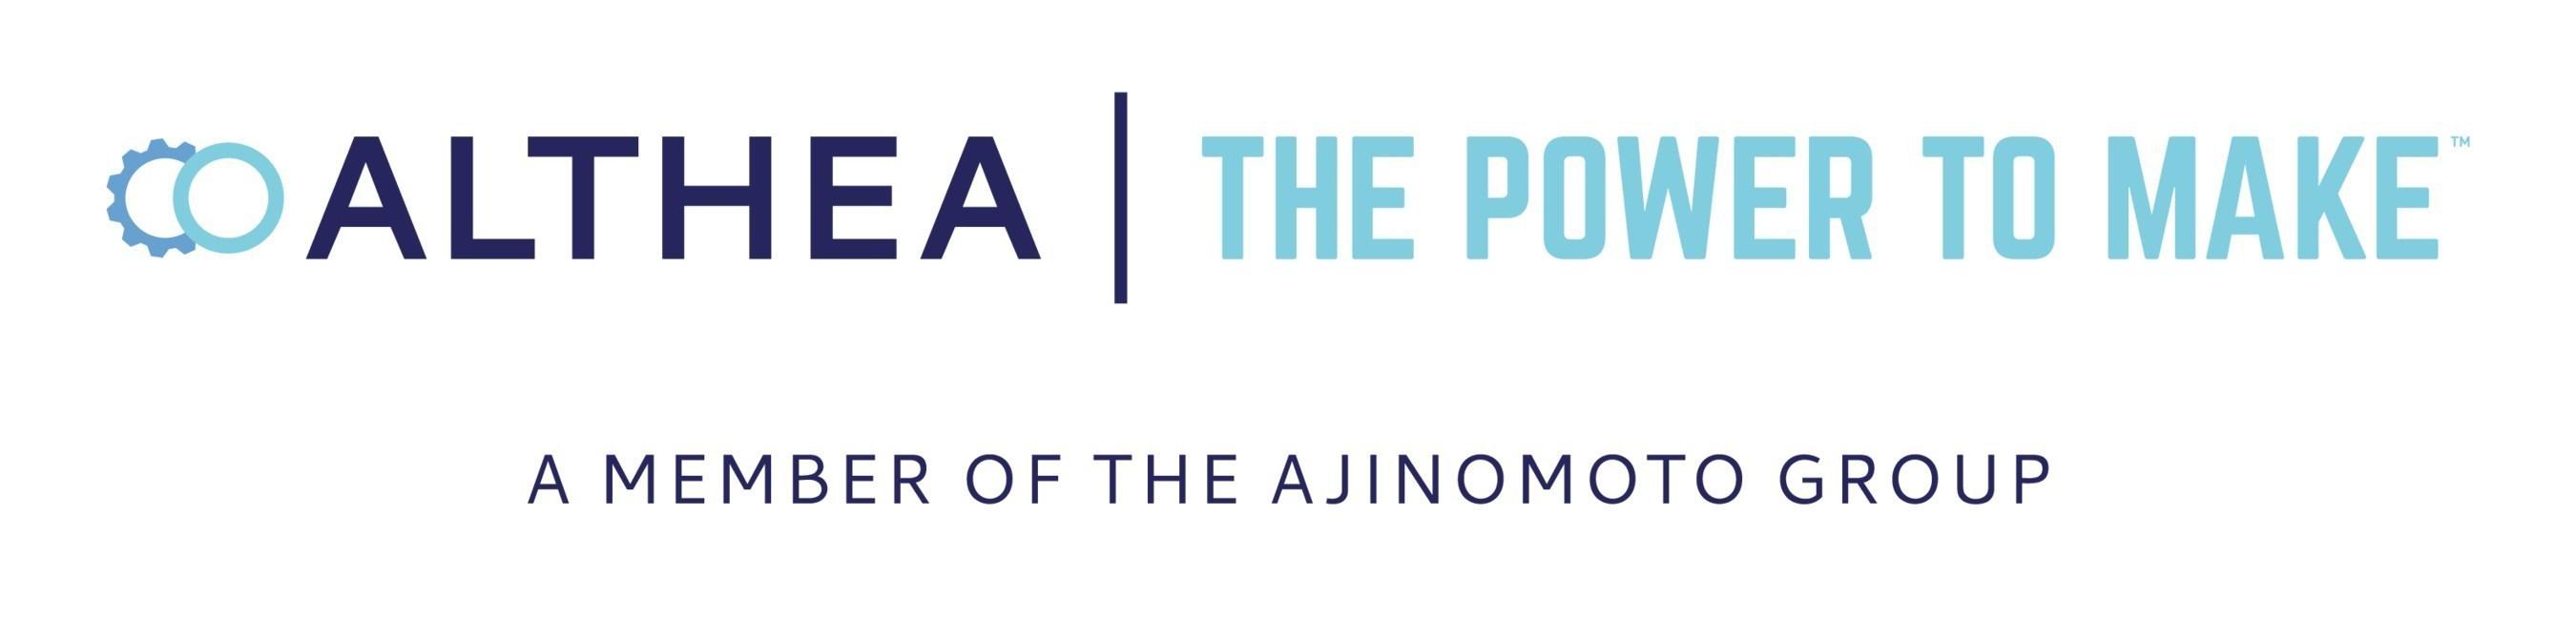 Ajinomoto Althea, Inc. erweitert Herstellungskapazitäten der Abfüllung und Biokonjugation von